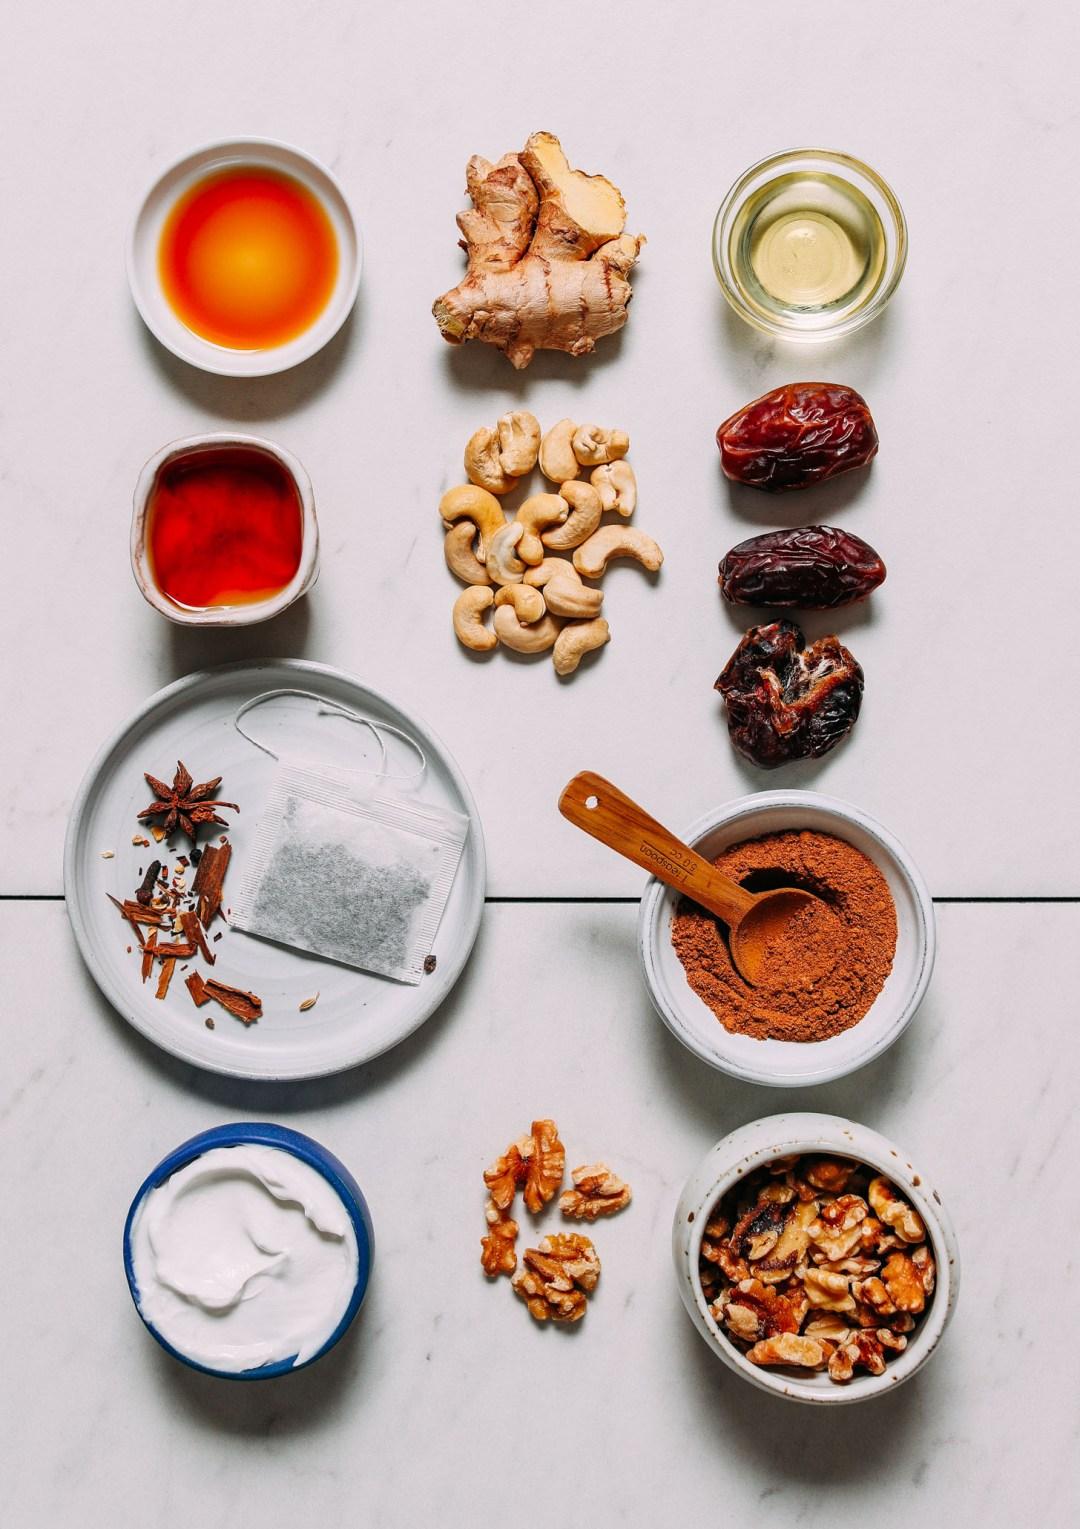 Ingredientes para hacer nuestra receta de pastel de queso vegano Chai